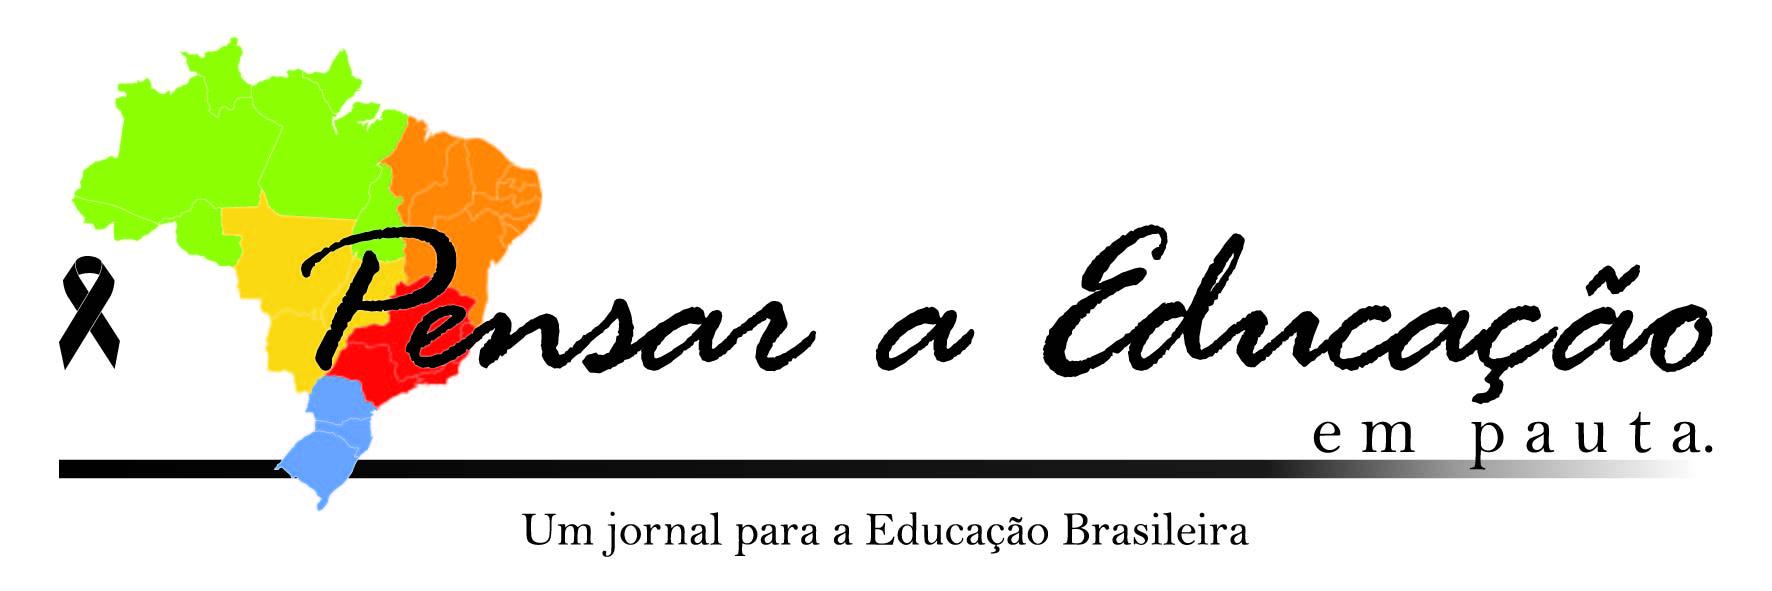 Jornal Pensar a Educação em Pauta